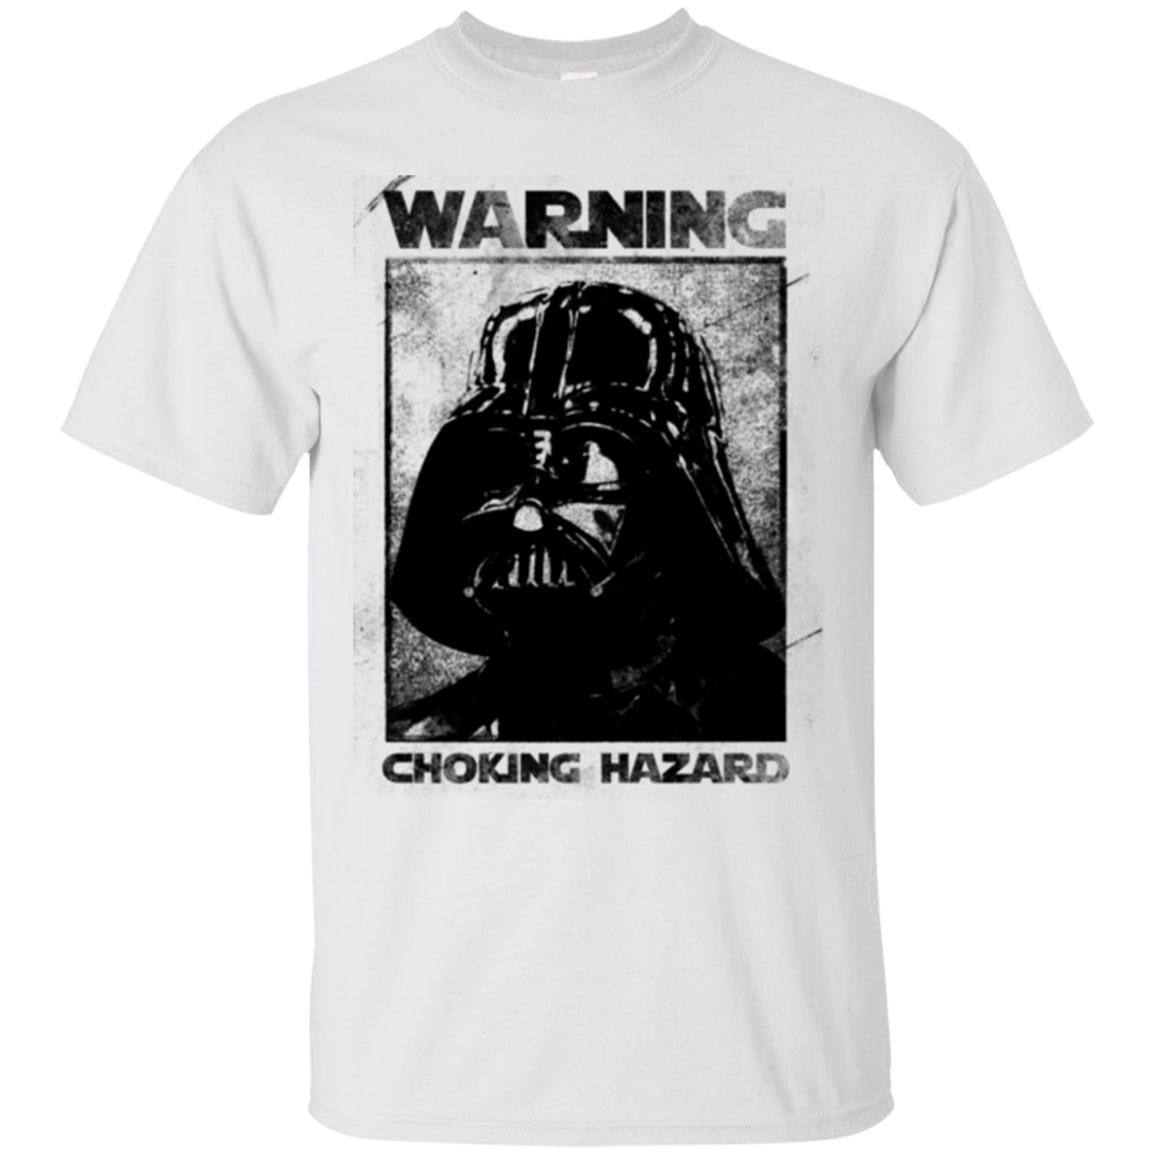 star wars darth vader warning choking hazard shirt 1